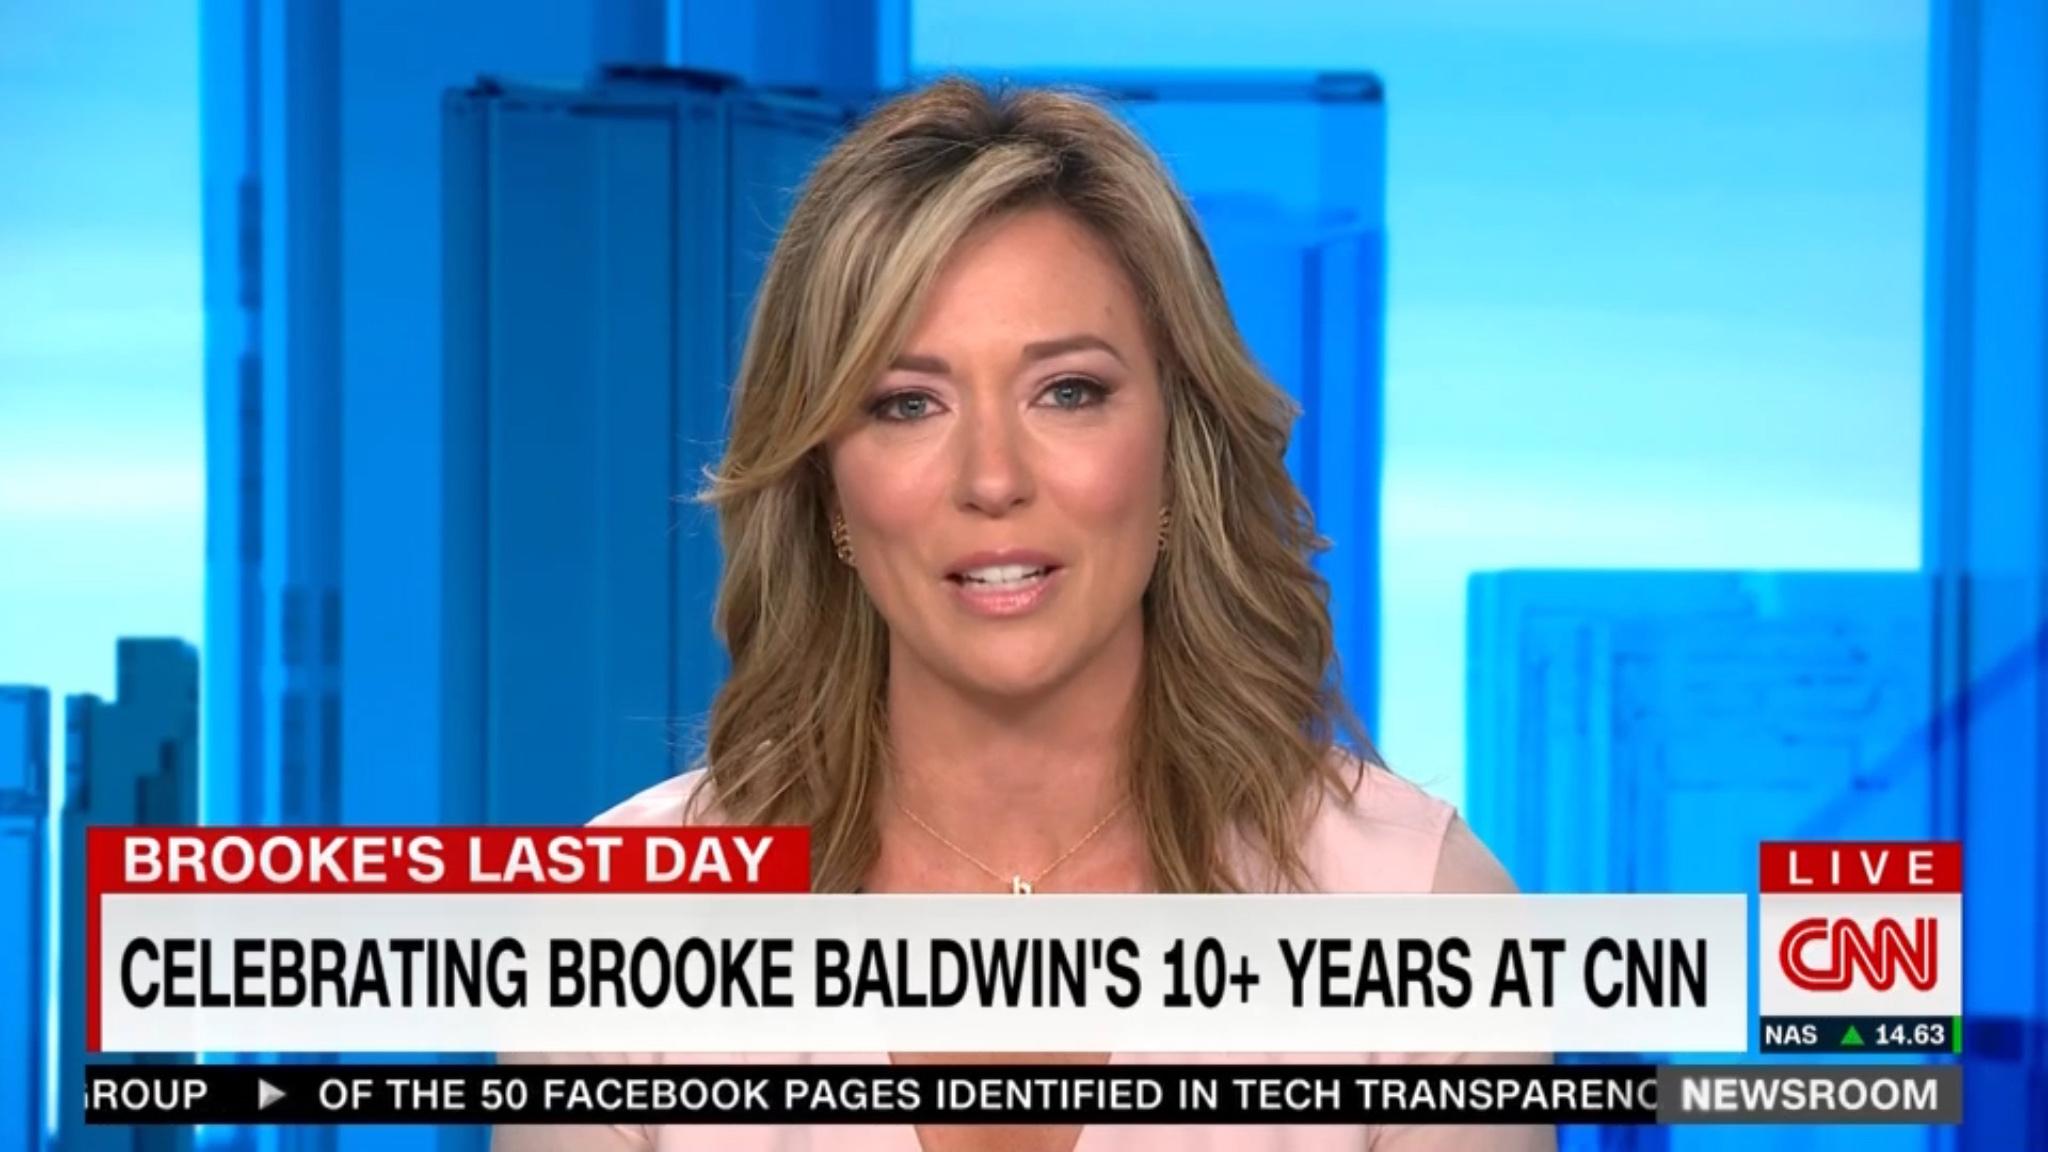 Brooke Baldwin Bids Adieu to CNN